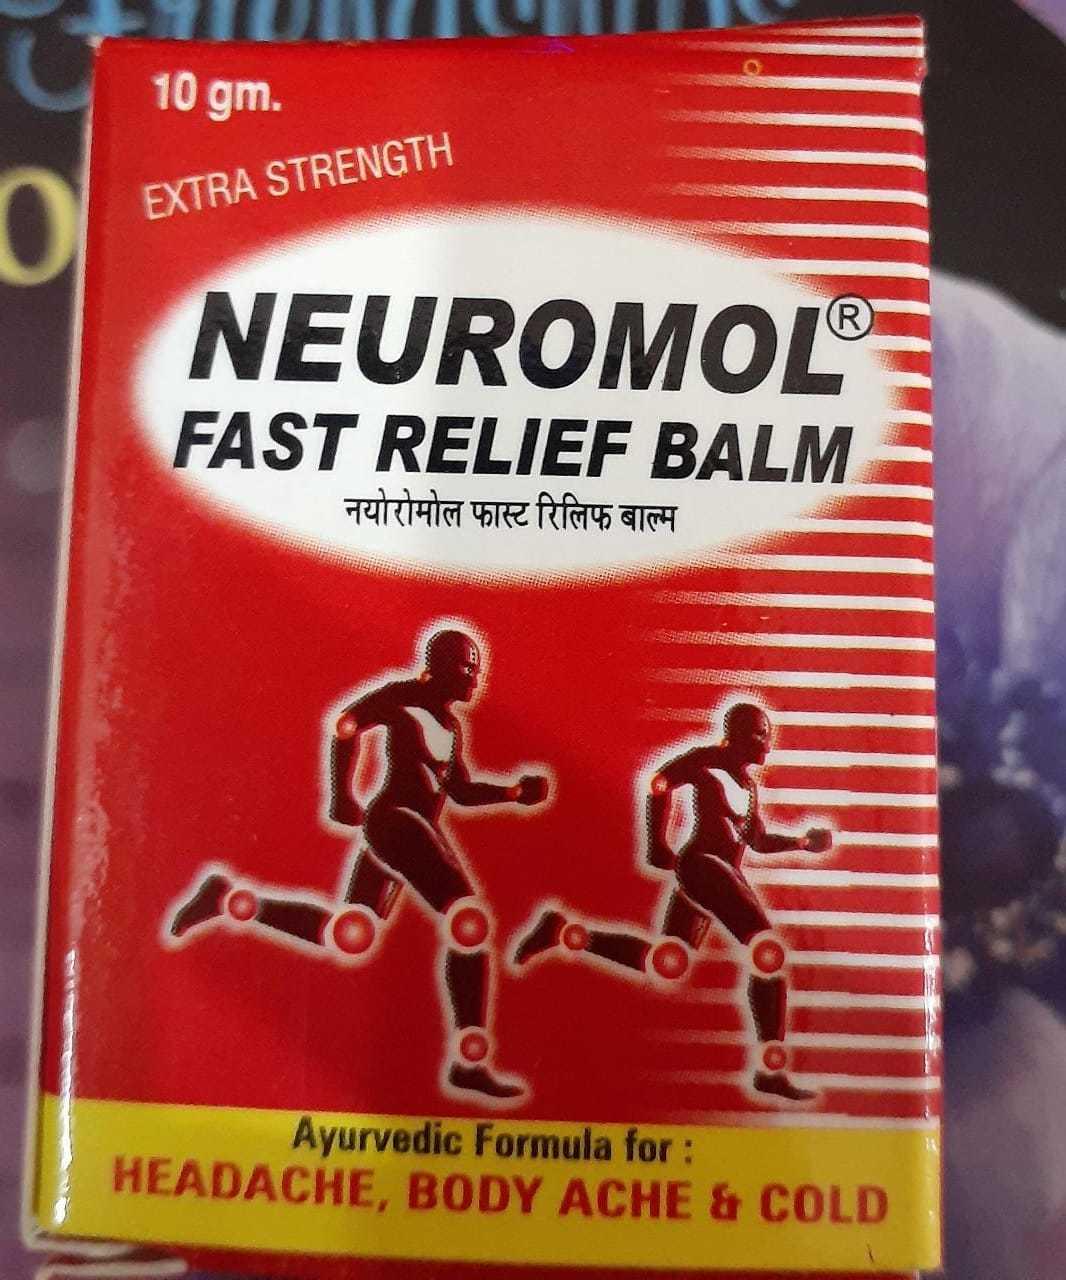 Neuromal Pain Relief Balm